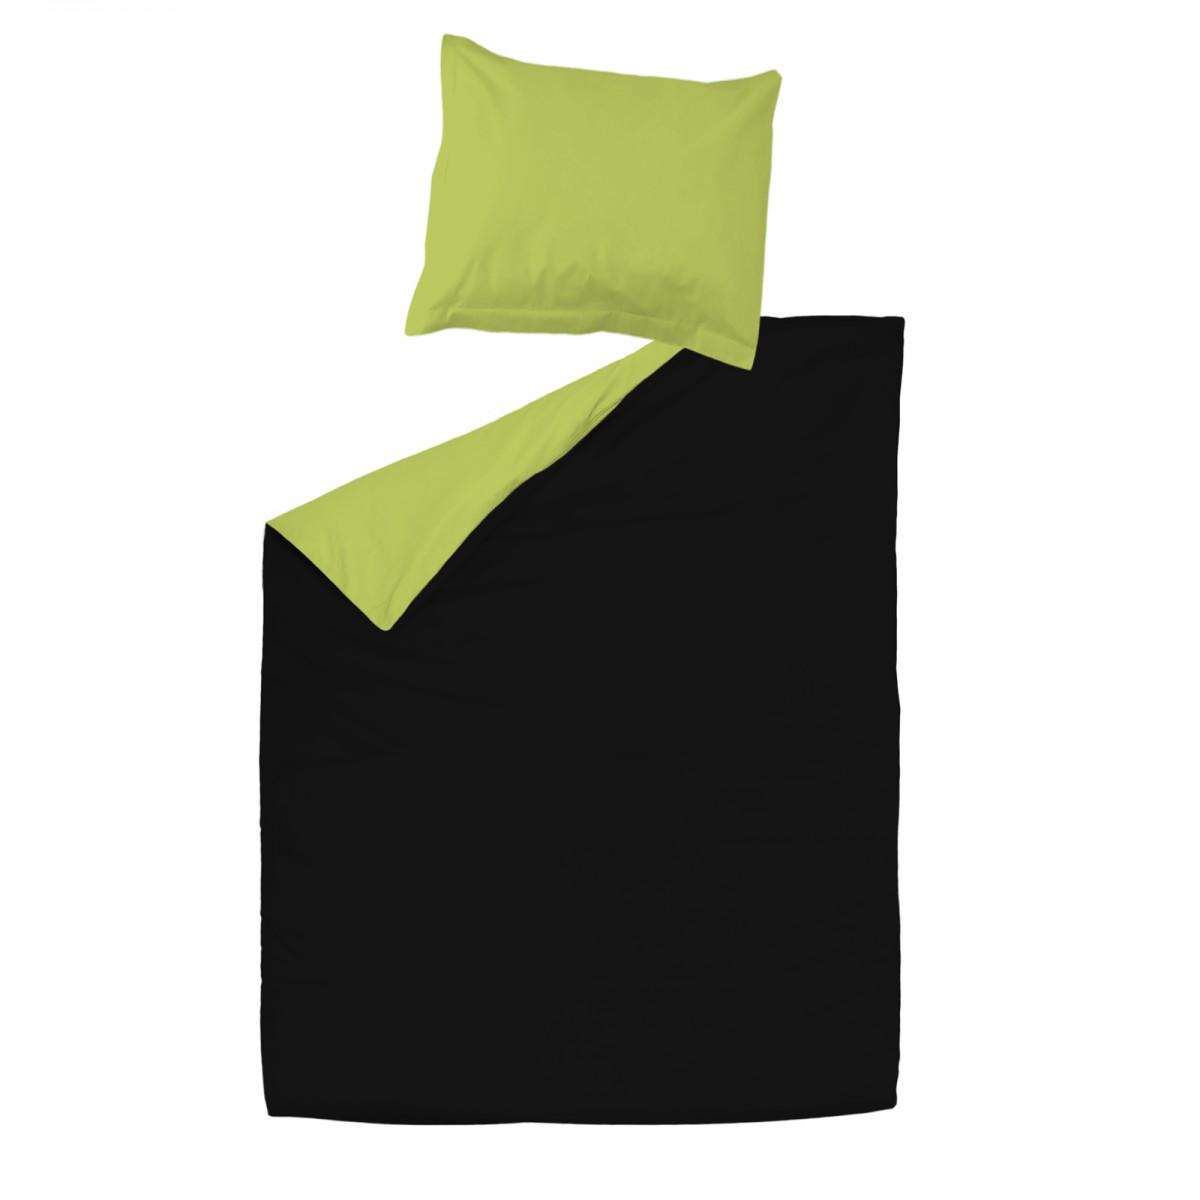 noir vert 100 coton parure de lit r versible housse de couette et taies d 39 oreiller. Black Bedroom Furniture Sets. Home Design Ideas